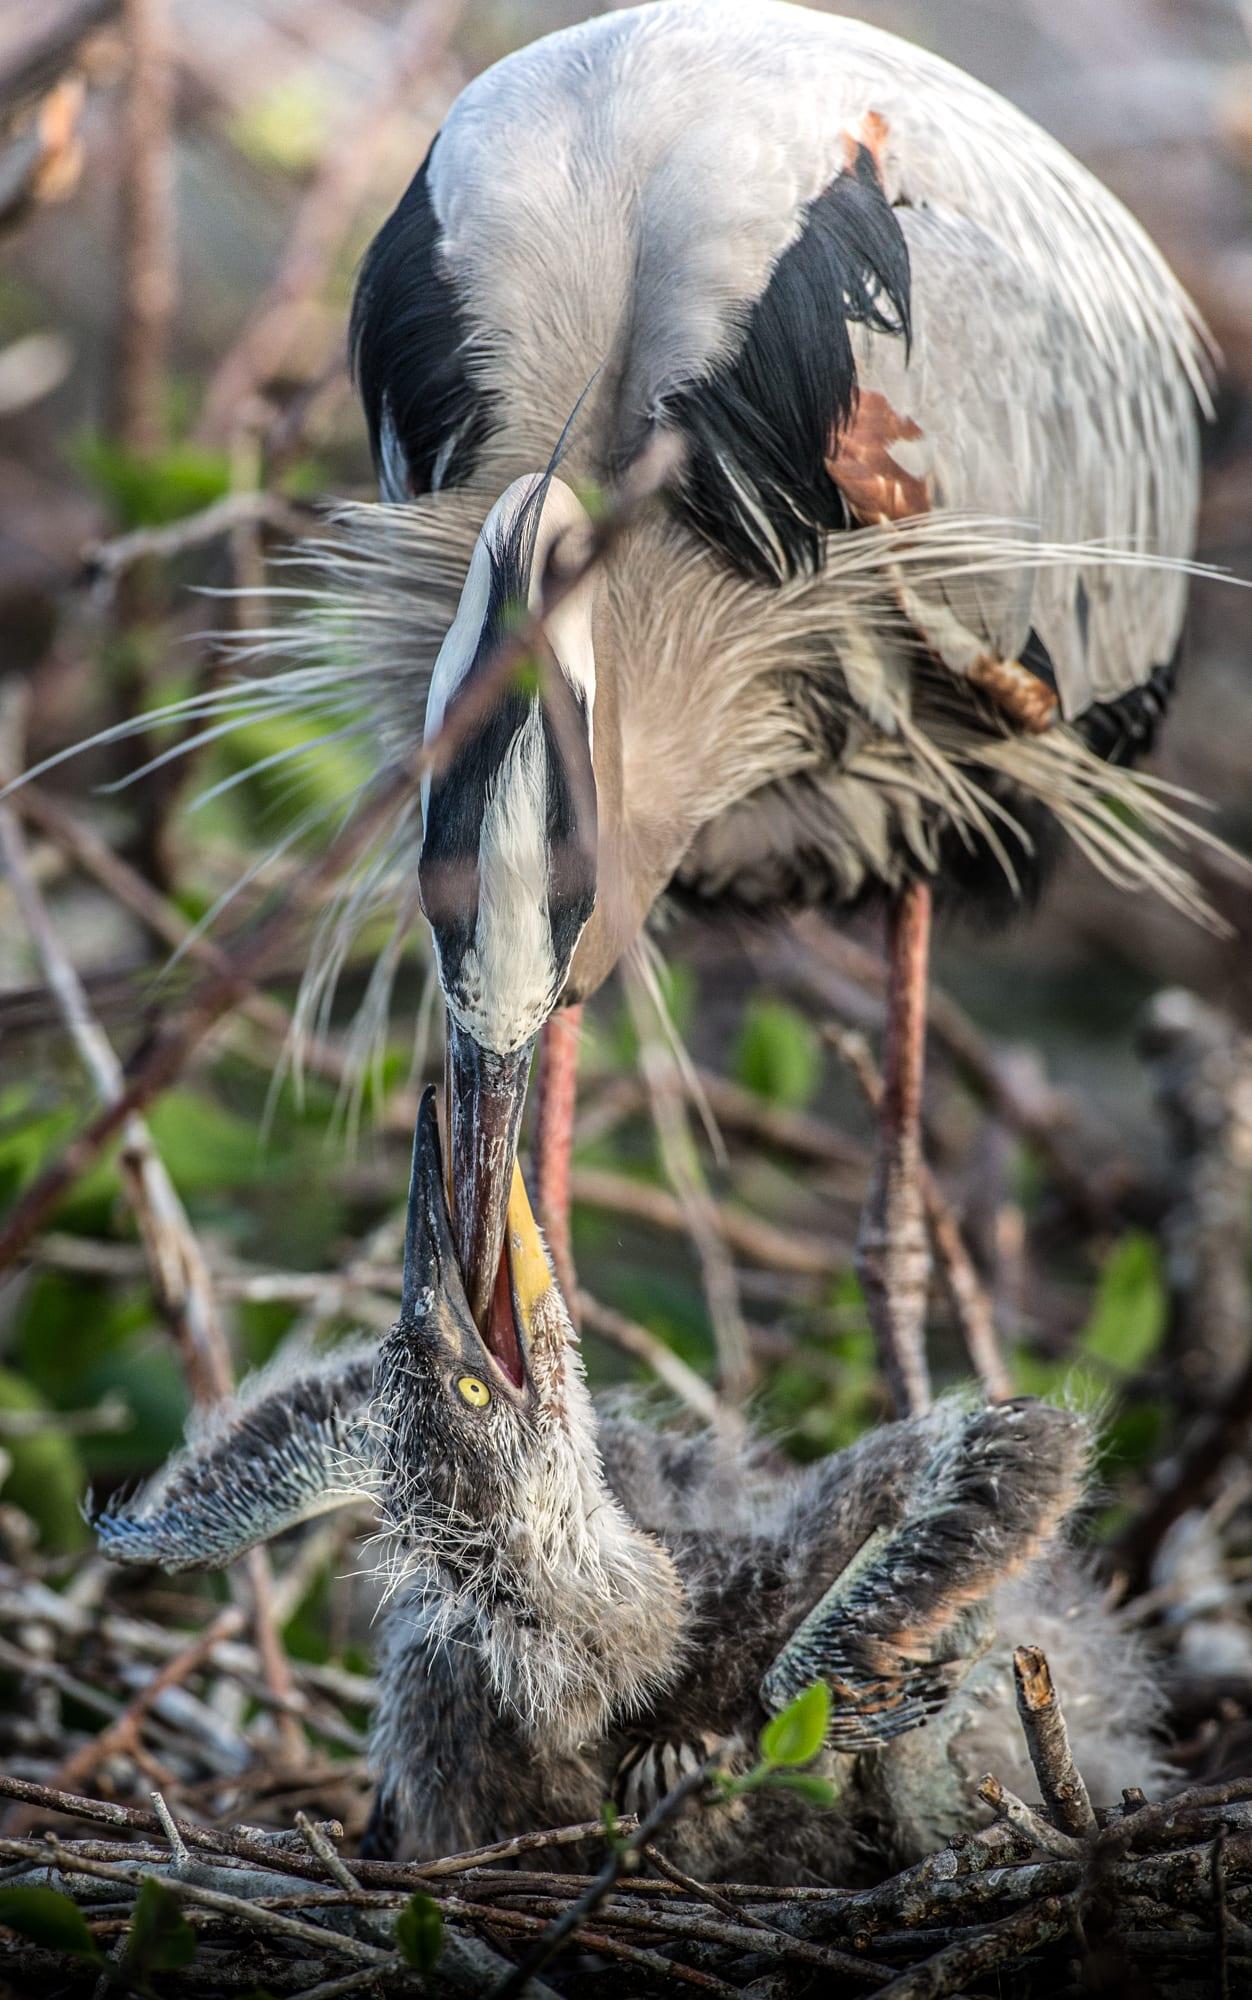 heron_egrets_sized-3